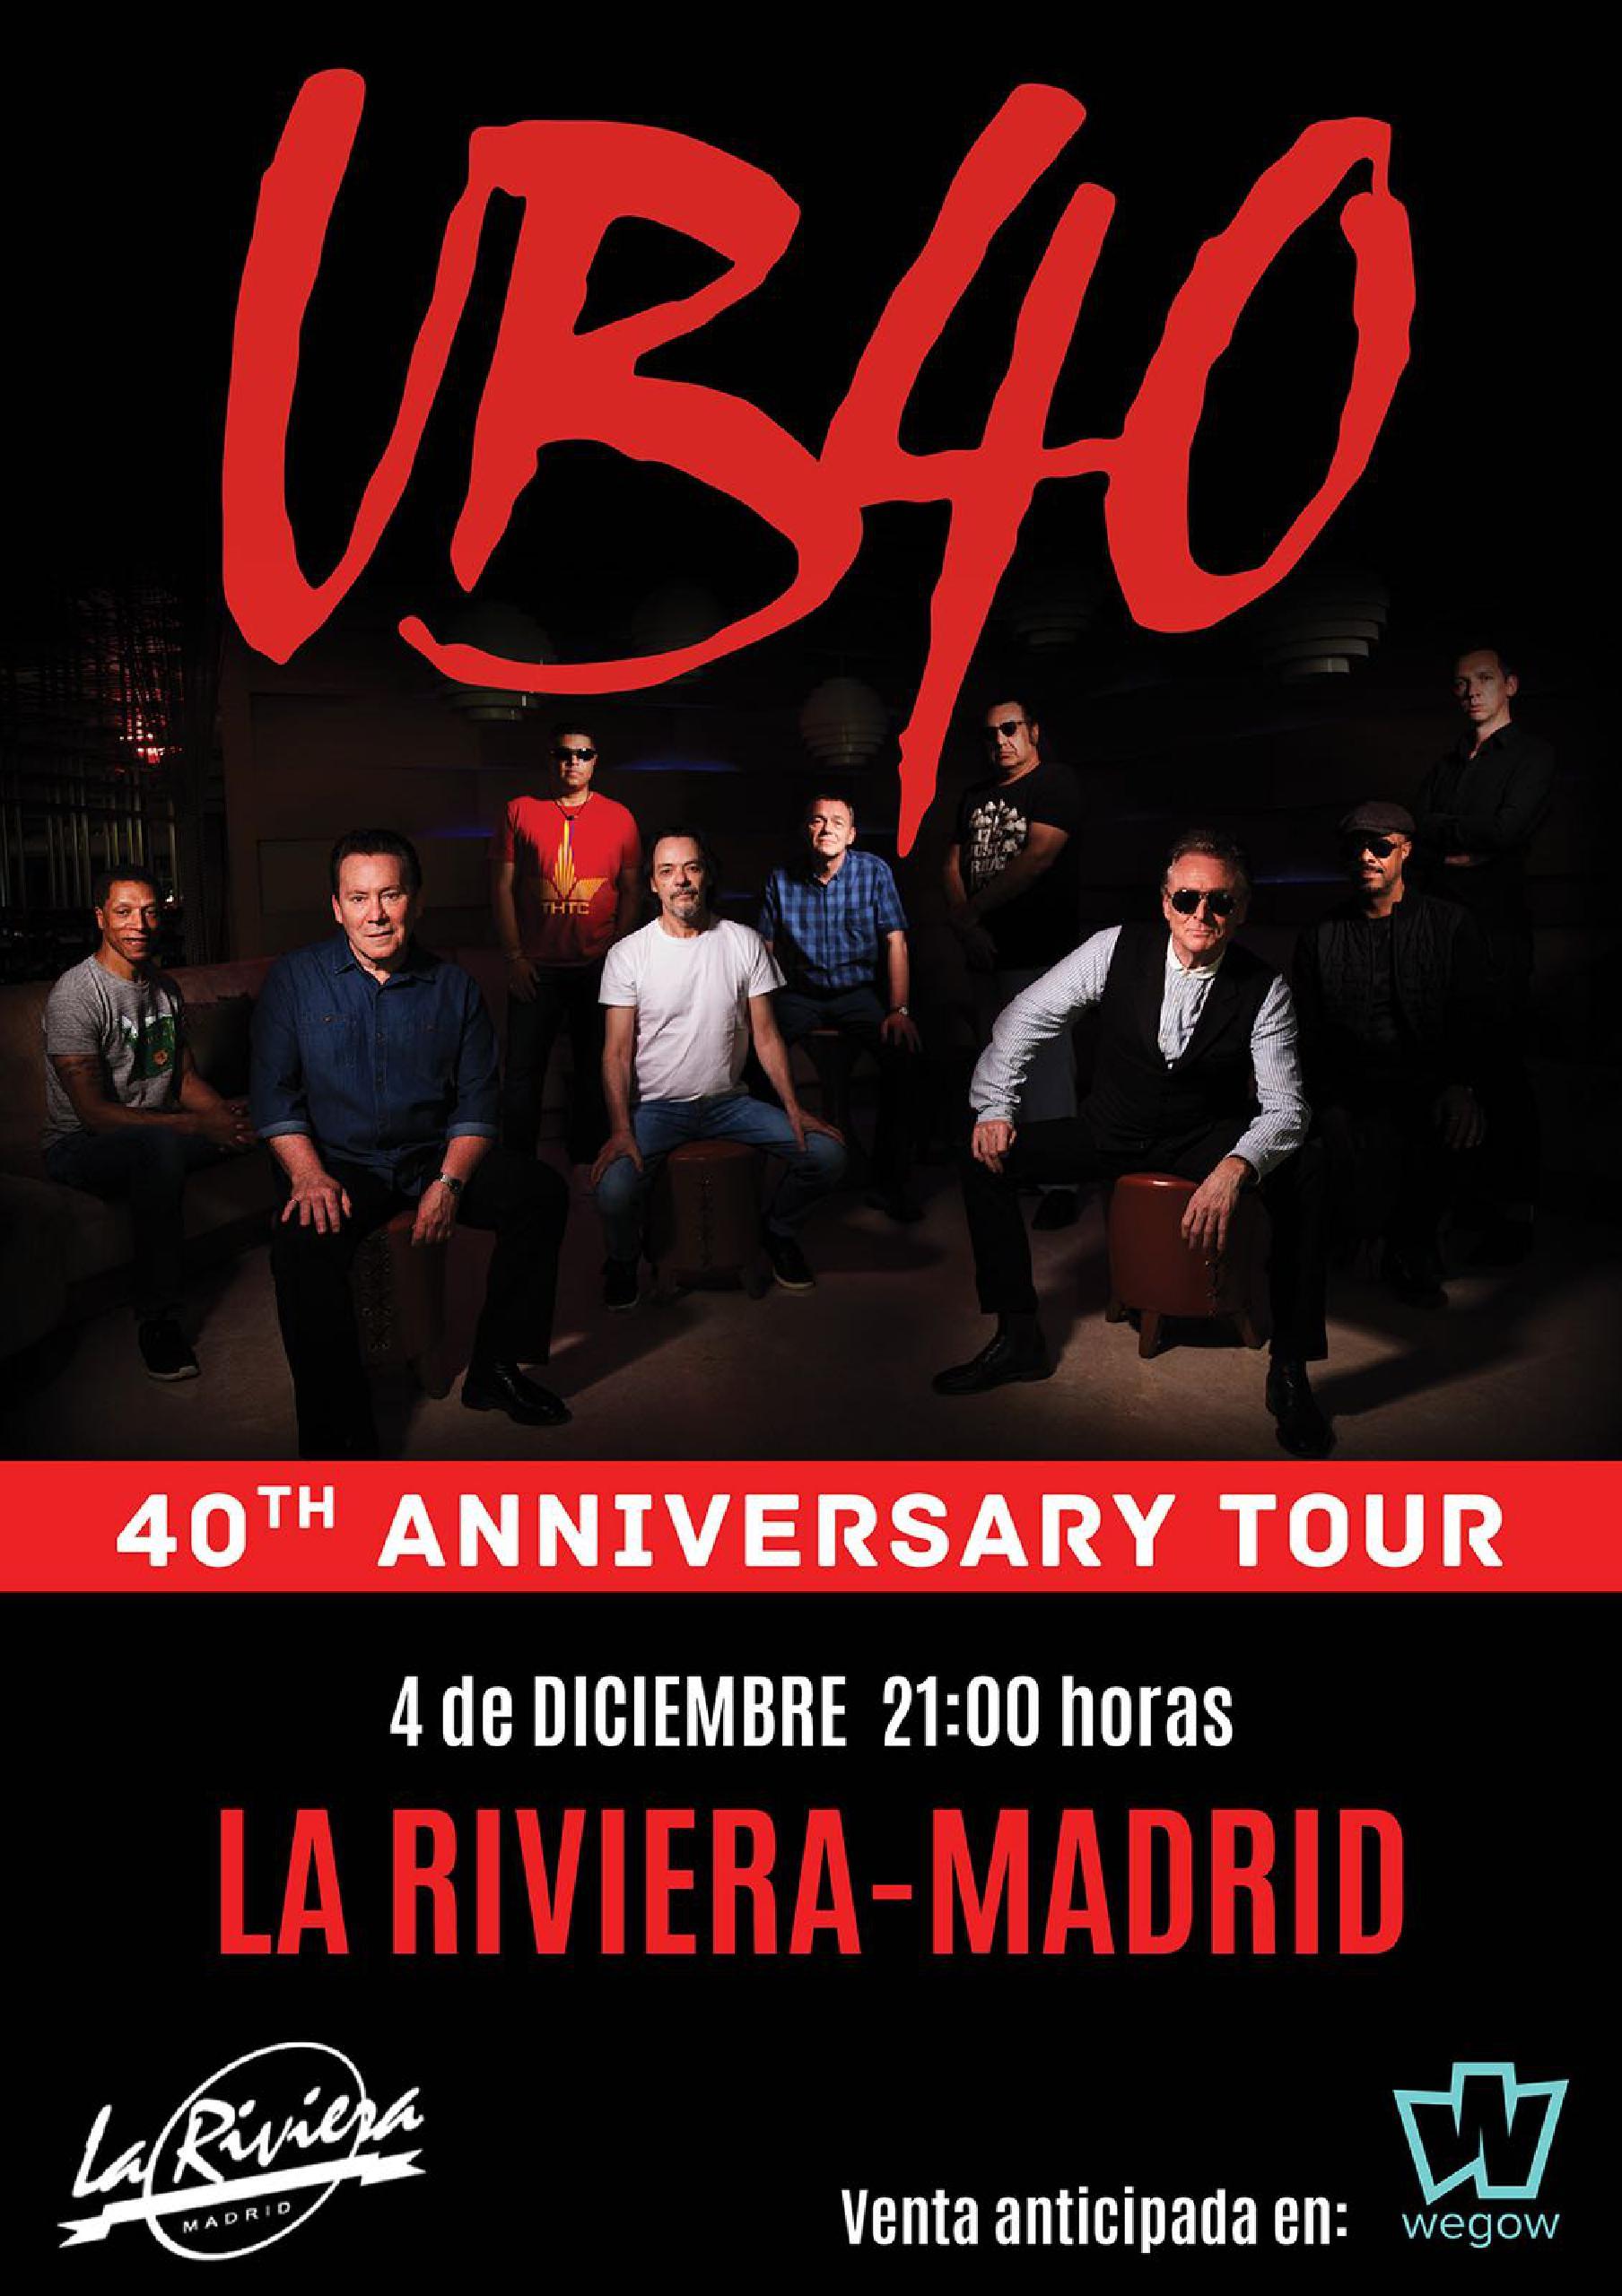 Cartel del concierto de UB40 en La Riviera en Madrid en diciembre de 2018.